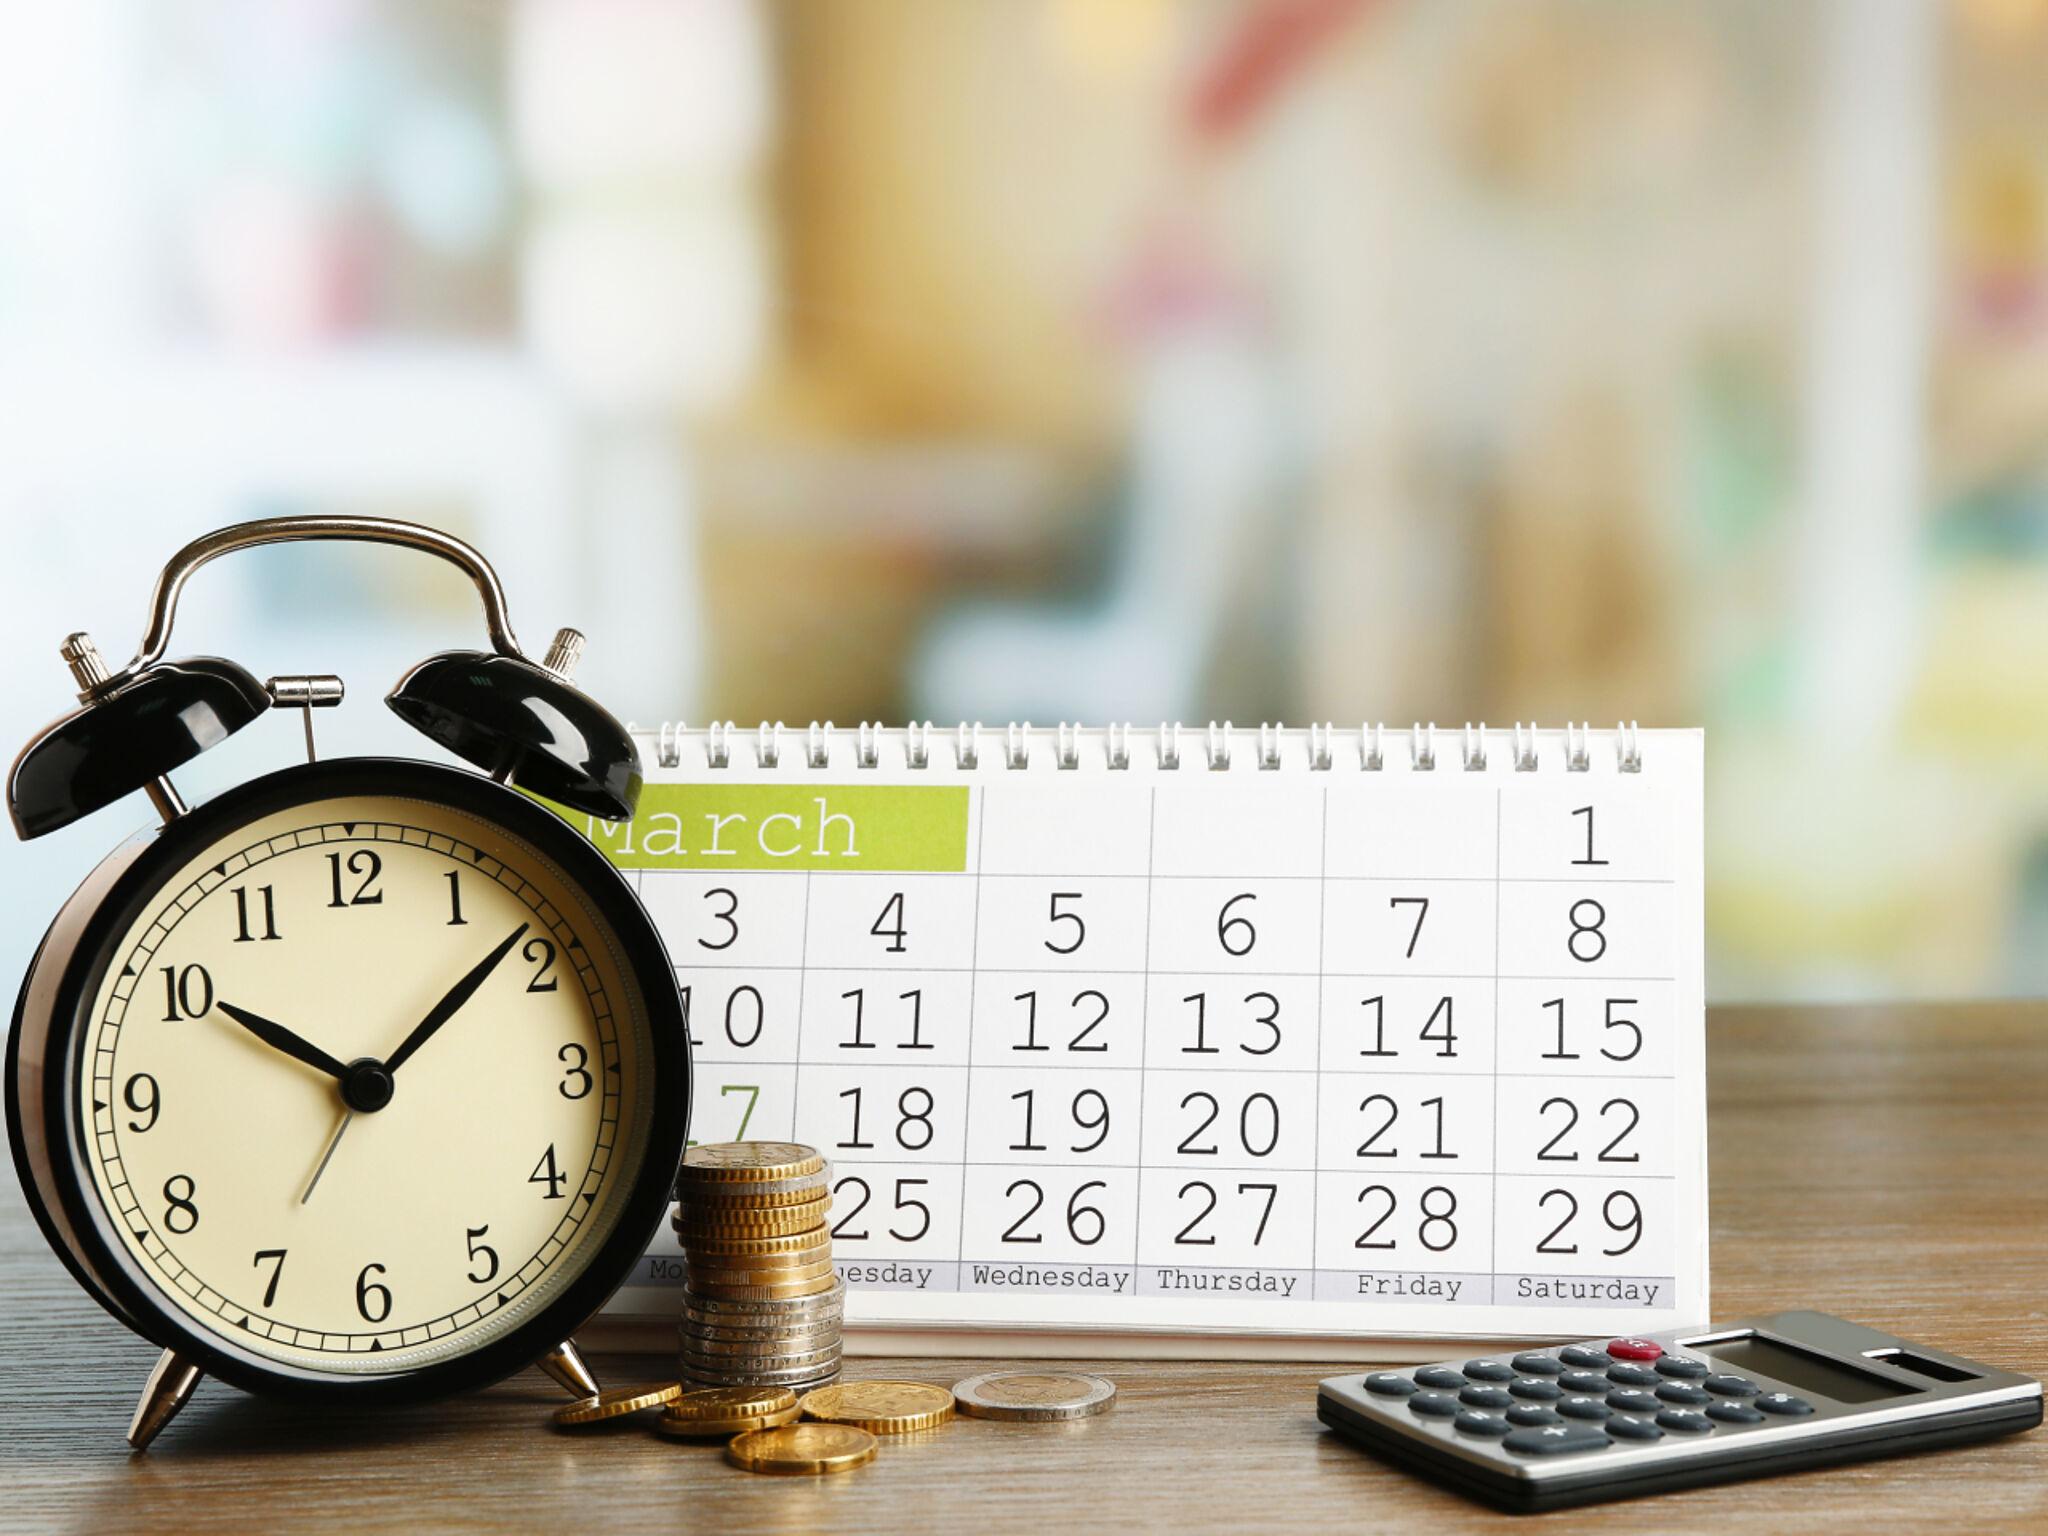 机に置いてある時計とカレンダー、計算機、お金の画像